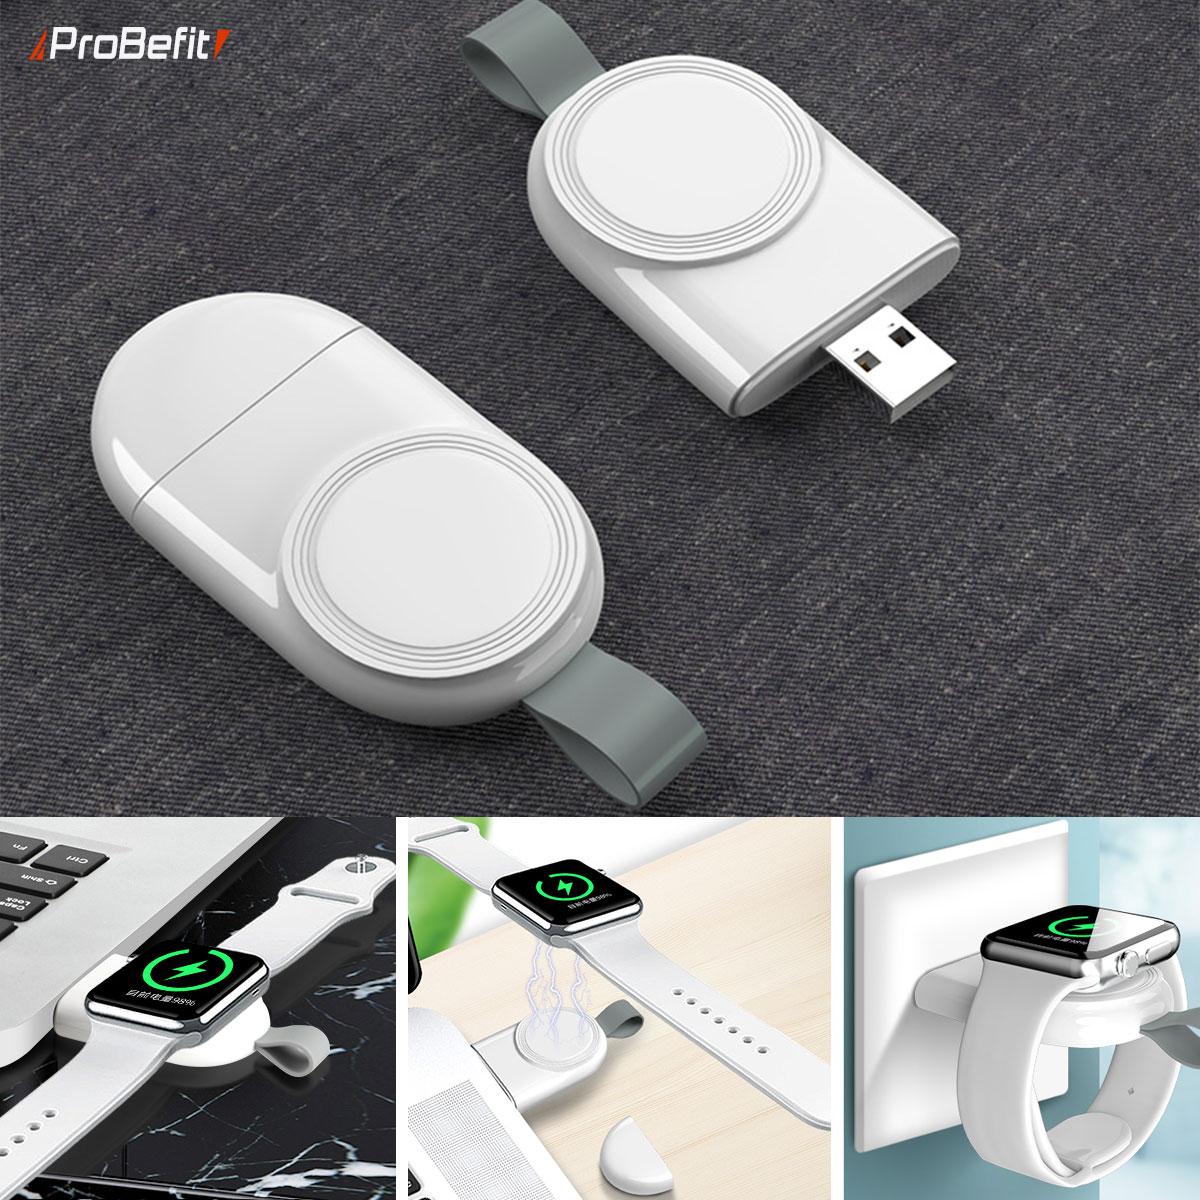 Портативное беспроводное зарядное устройство для IWatch 6 SE 5 4 зарядная док-станция USB-кабель для зарядного устройства для Apple Watch Series 5 4 3 2 1